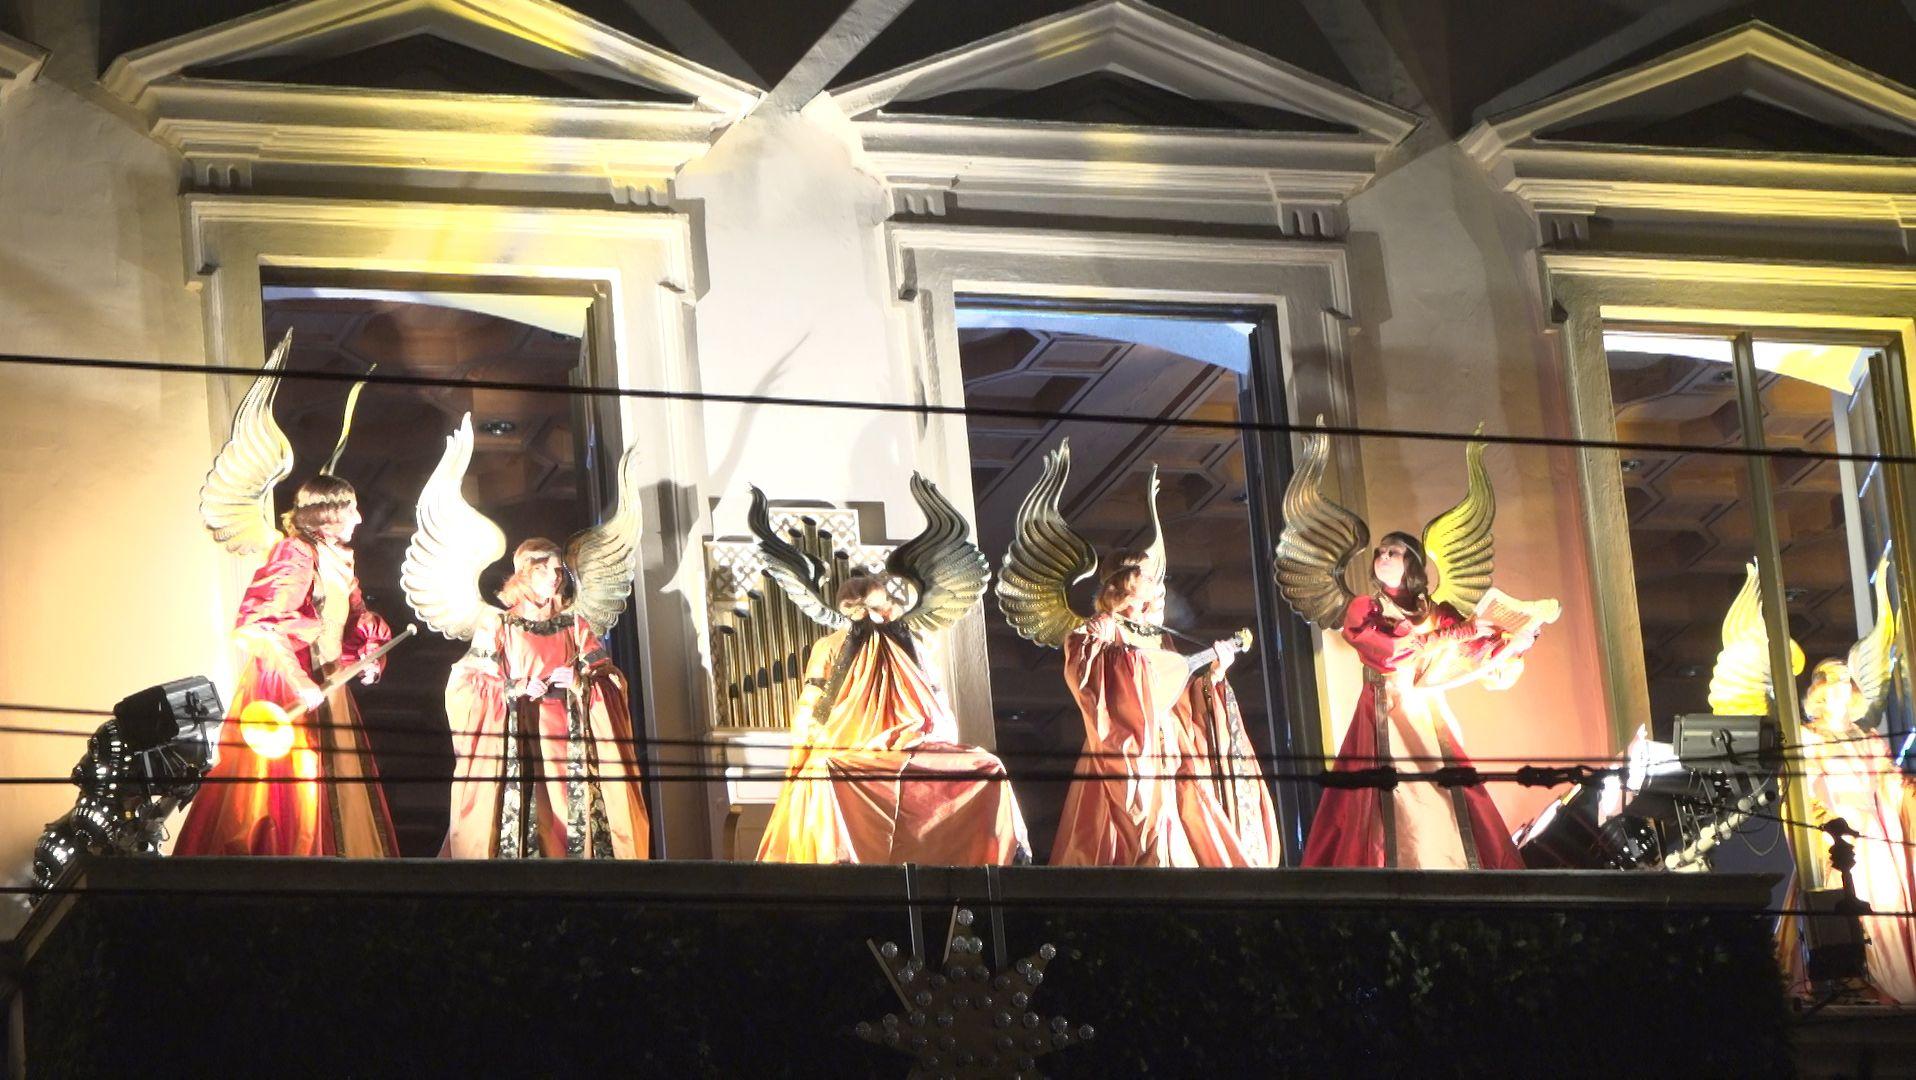 Das Engelesspiel zur Eröffnung des Augsburger Christkindlesmarktes